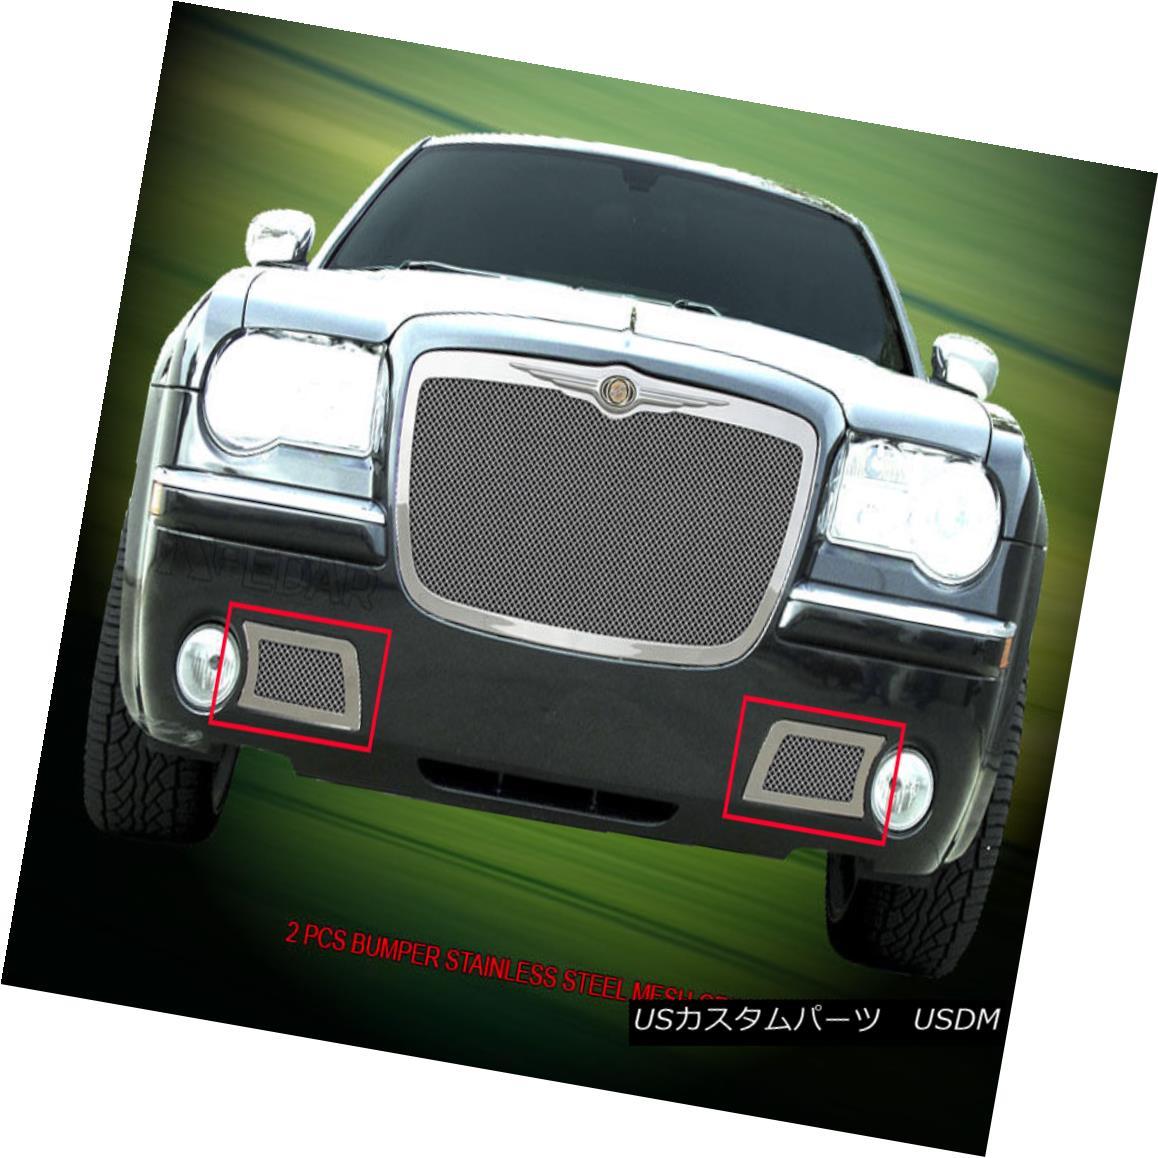 グリル 05-10 Chrysler 300/300C Stainless Steel Mesh Grille Bumper Insert Fedar 05-10クライスラー300 / 300Cステンレスメッシュグリルバンパーインサートフェルダ